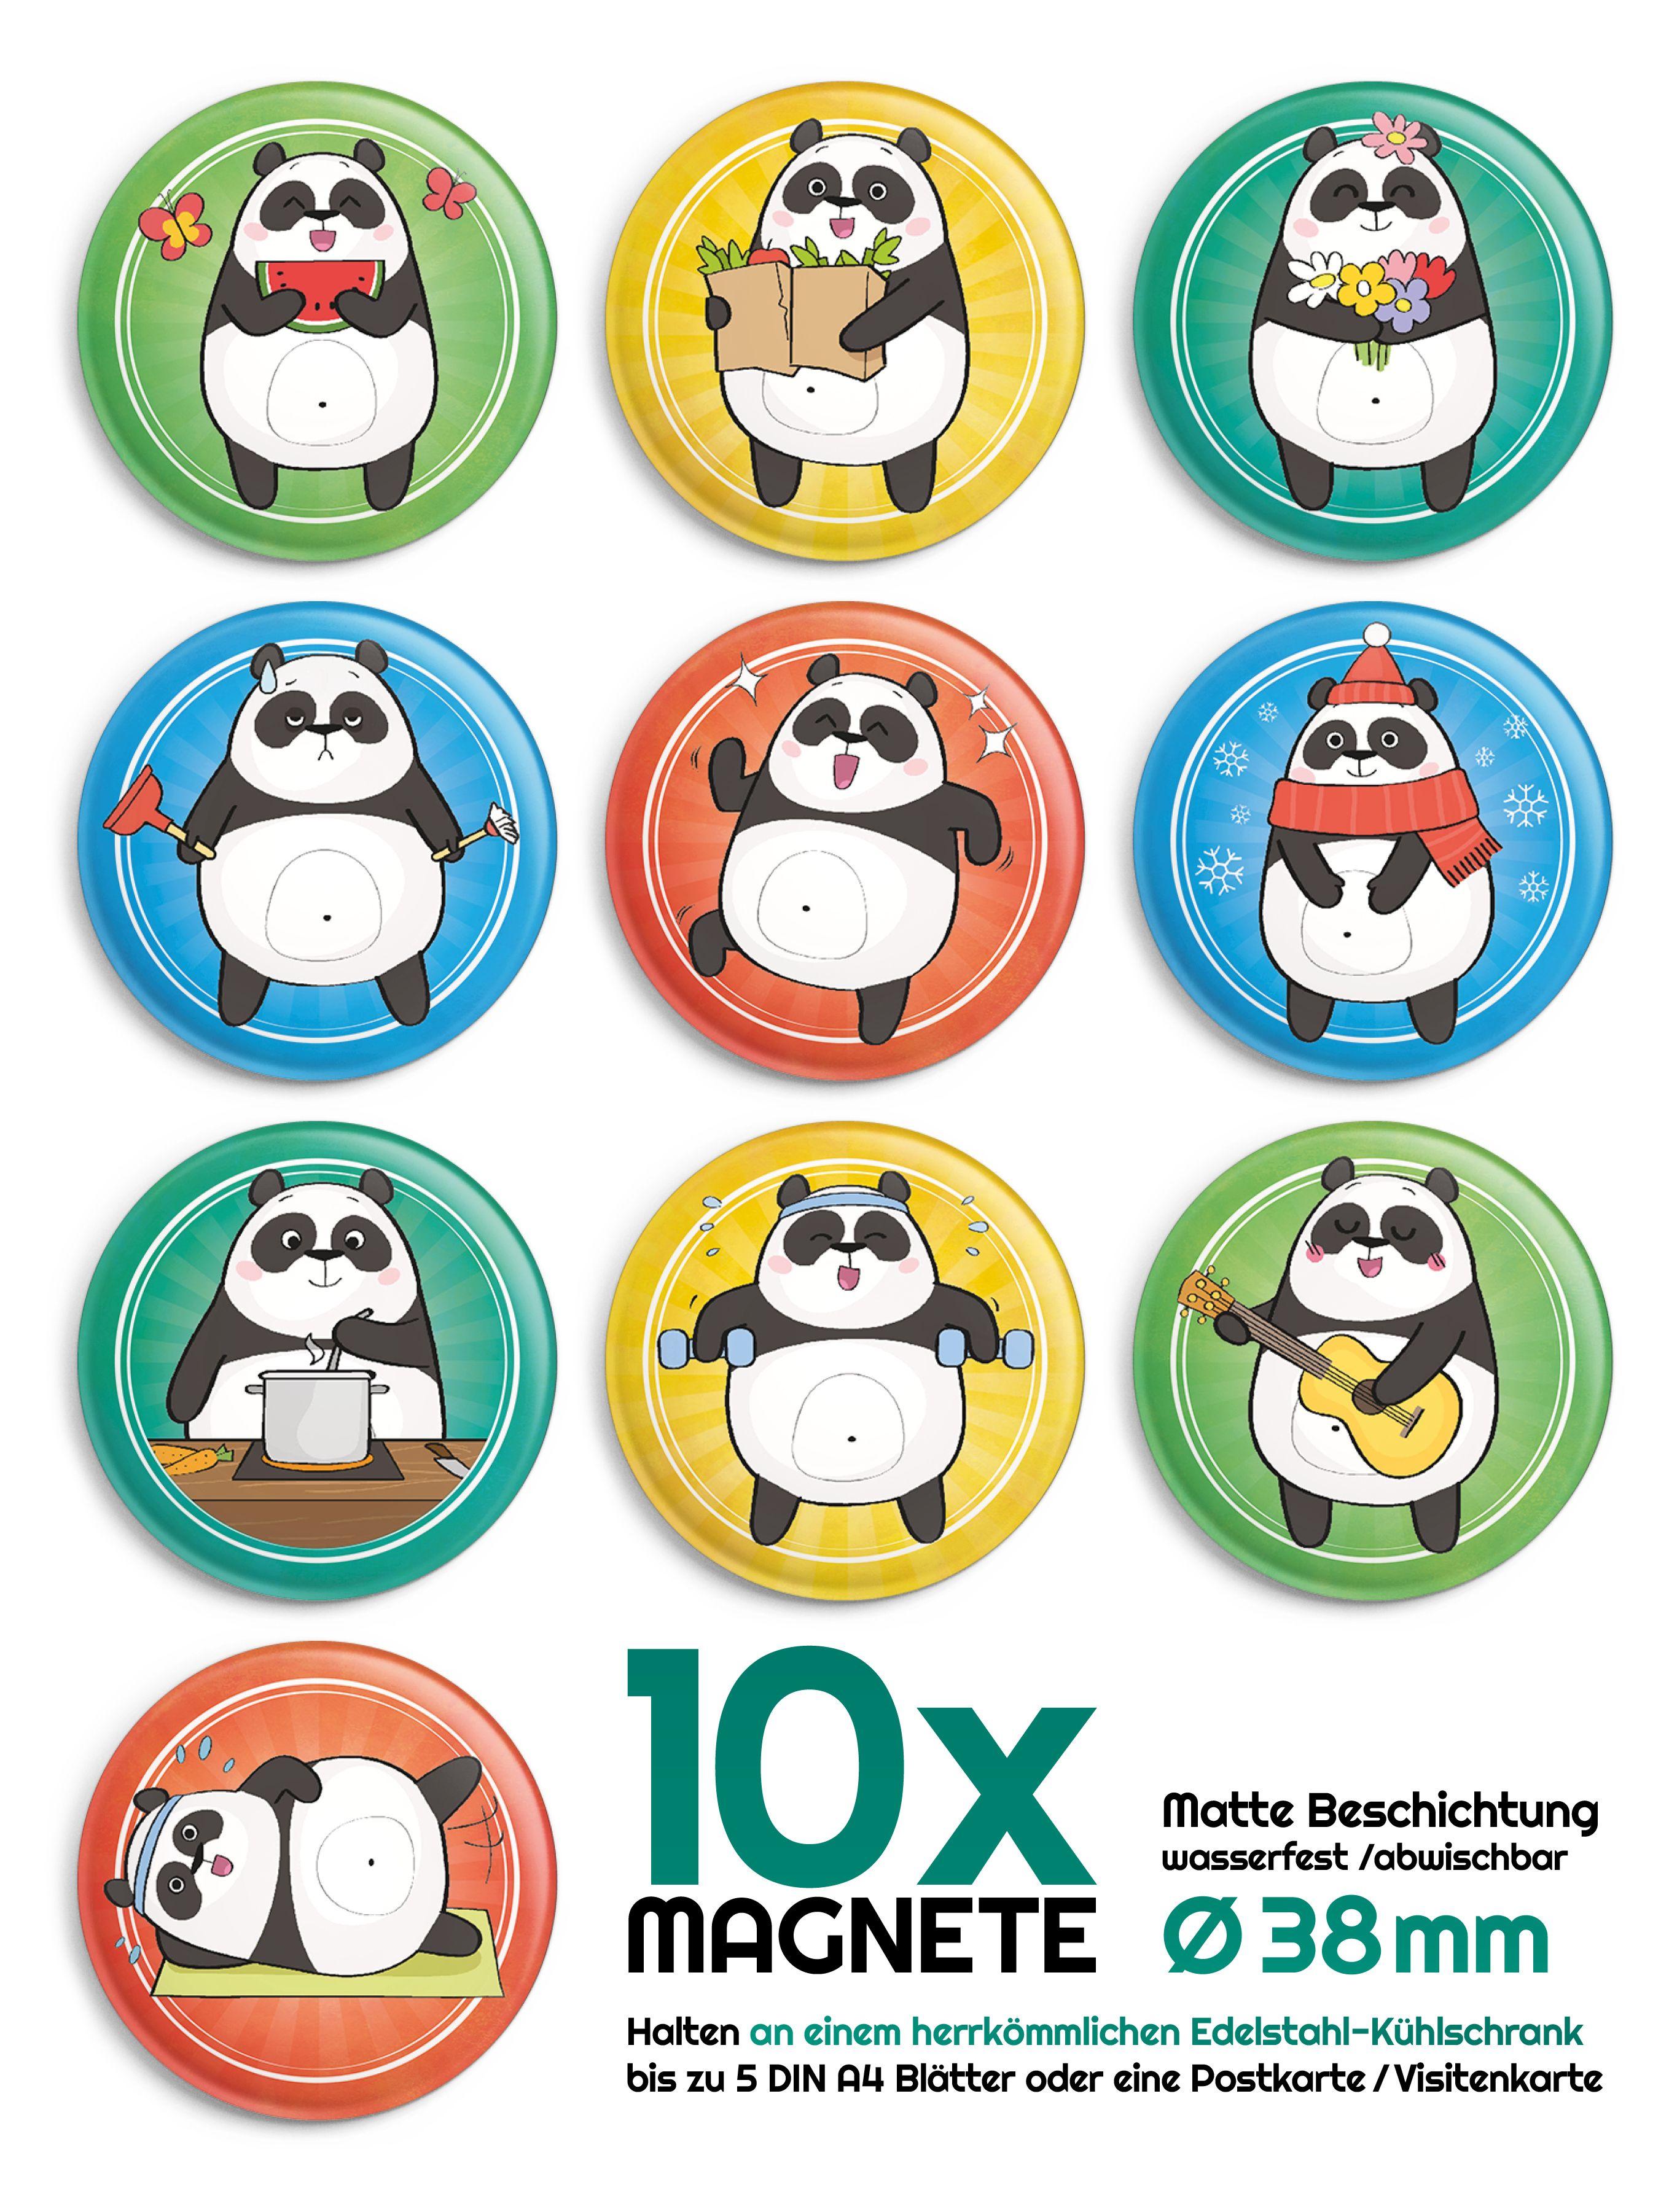 Whiteboard Magnettafel 10 lustige Panda Magnete für den Kühlschrank 38mm Ø